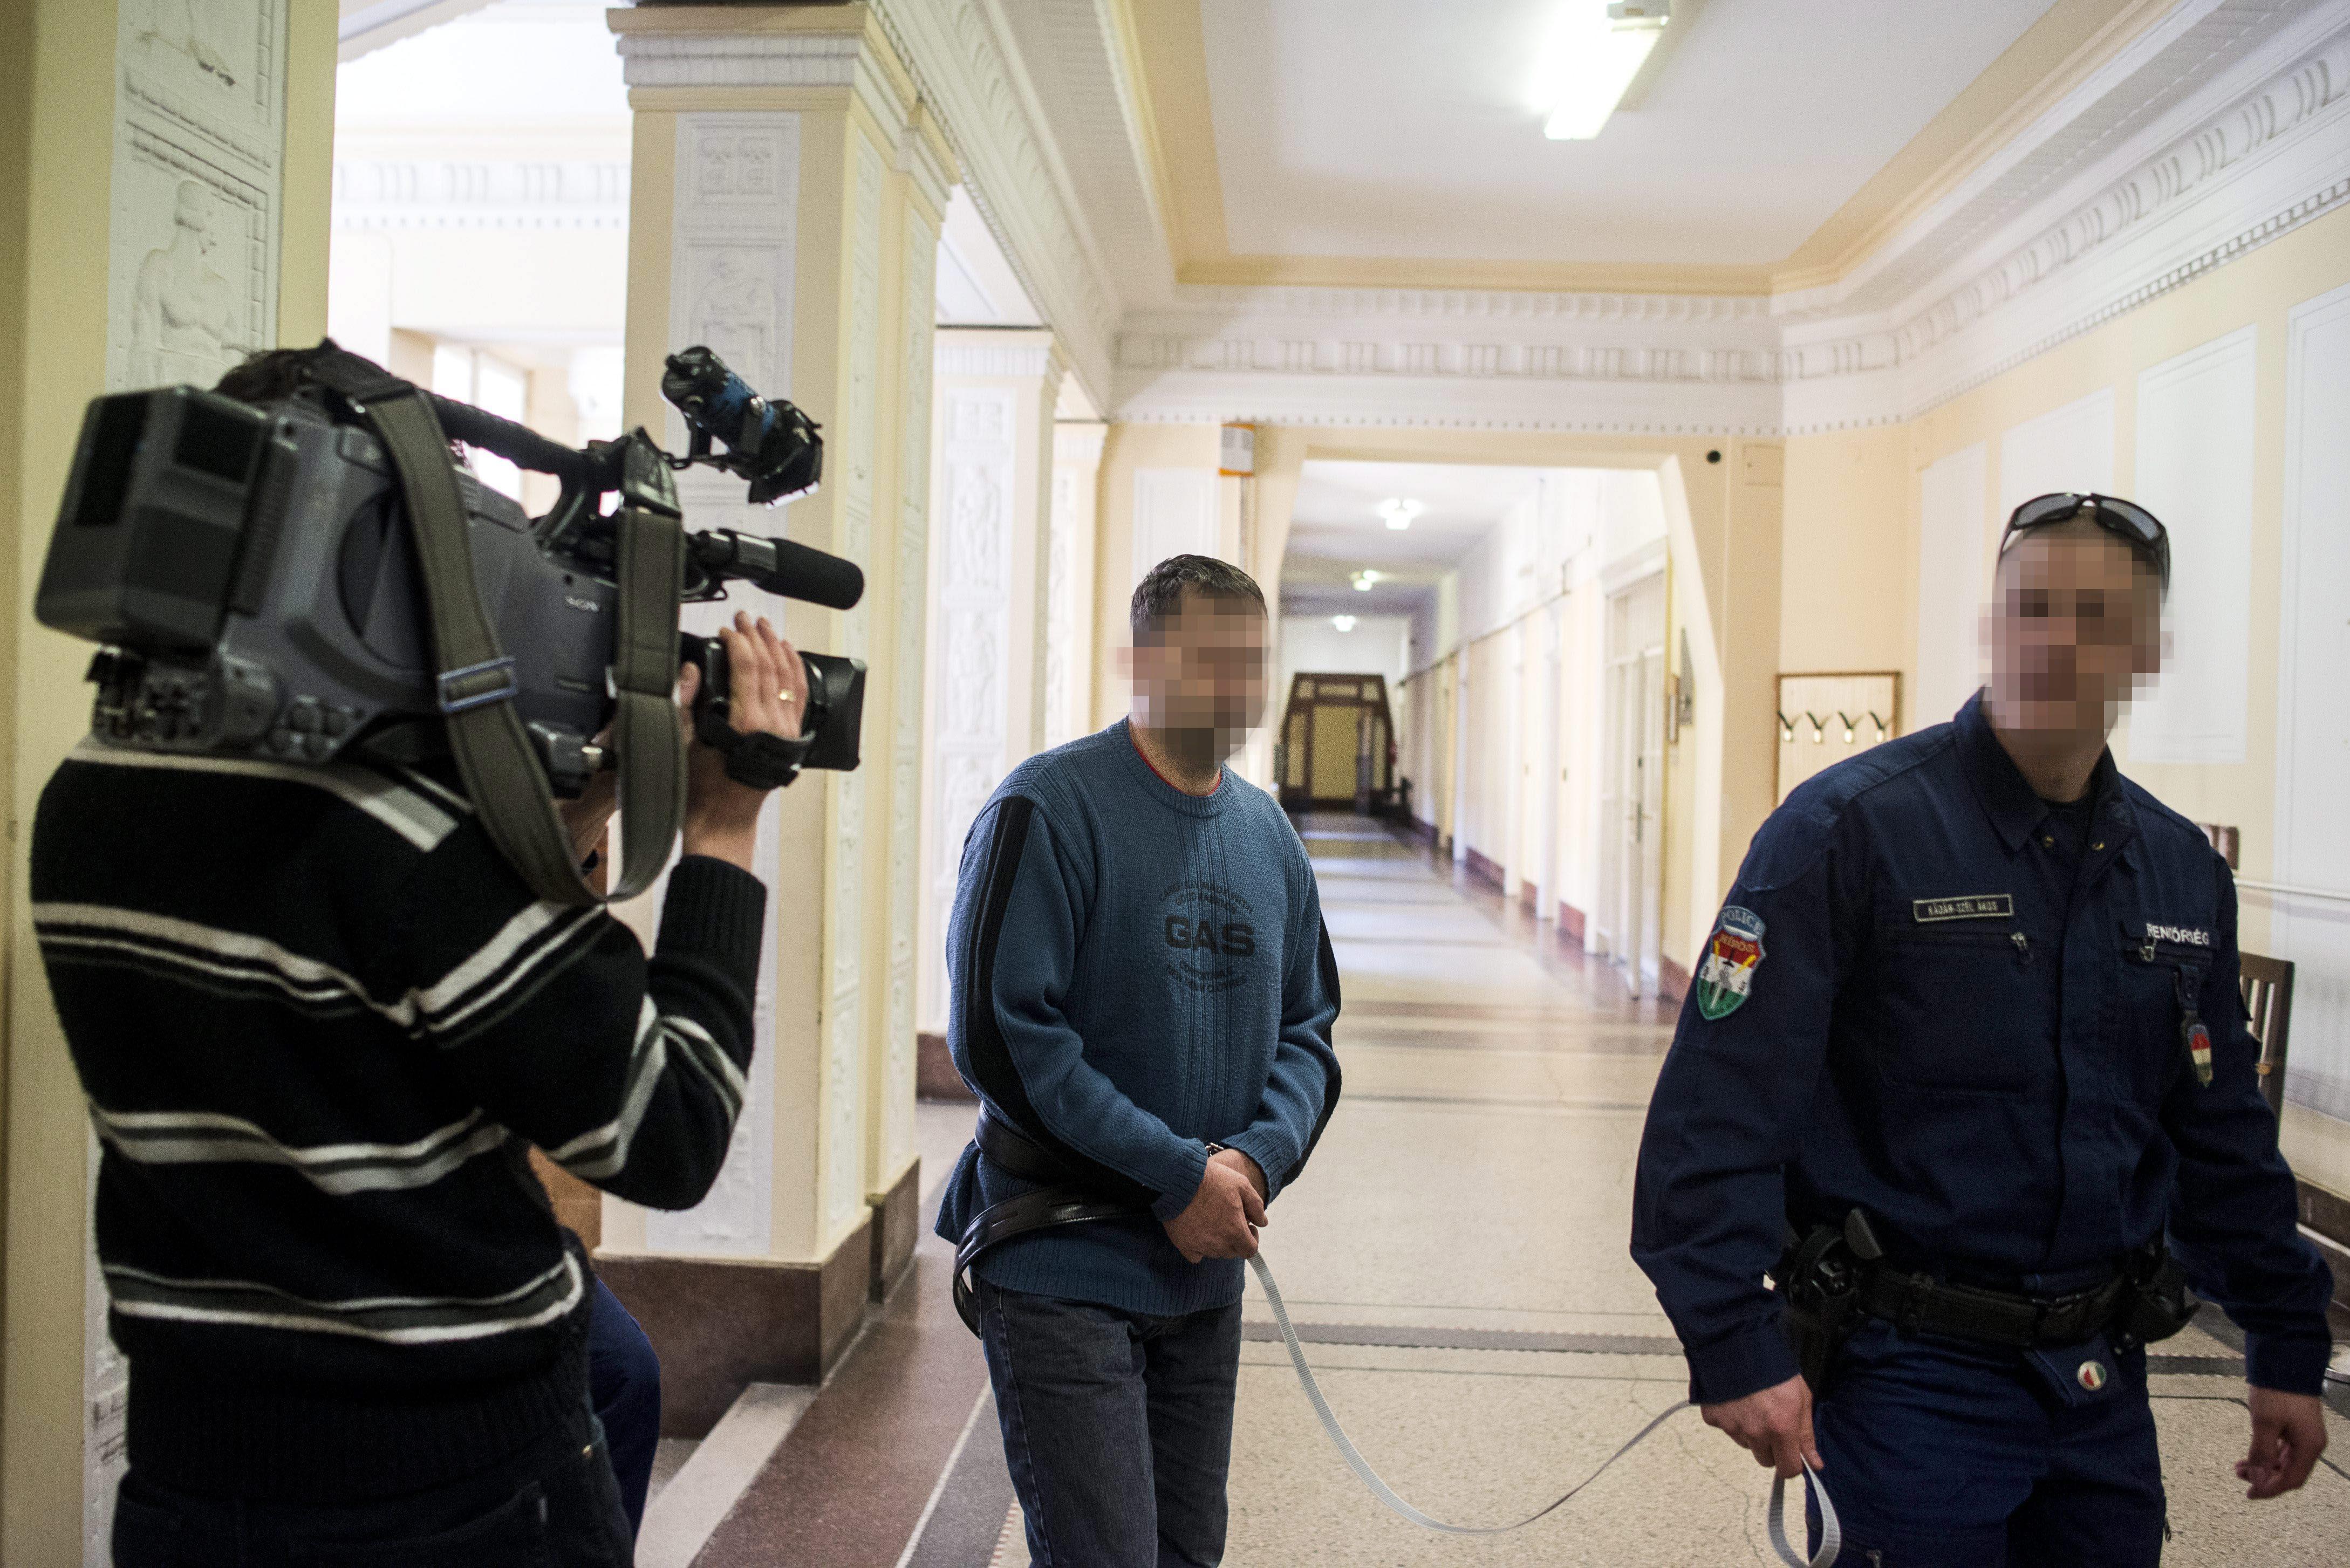 B. János nem emlékszik, hogy Kalasnyikovval lövöldözött az ügyészségen